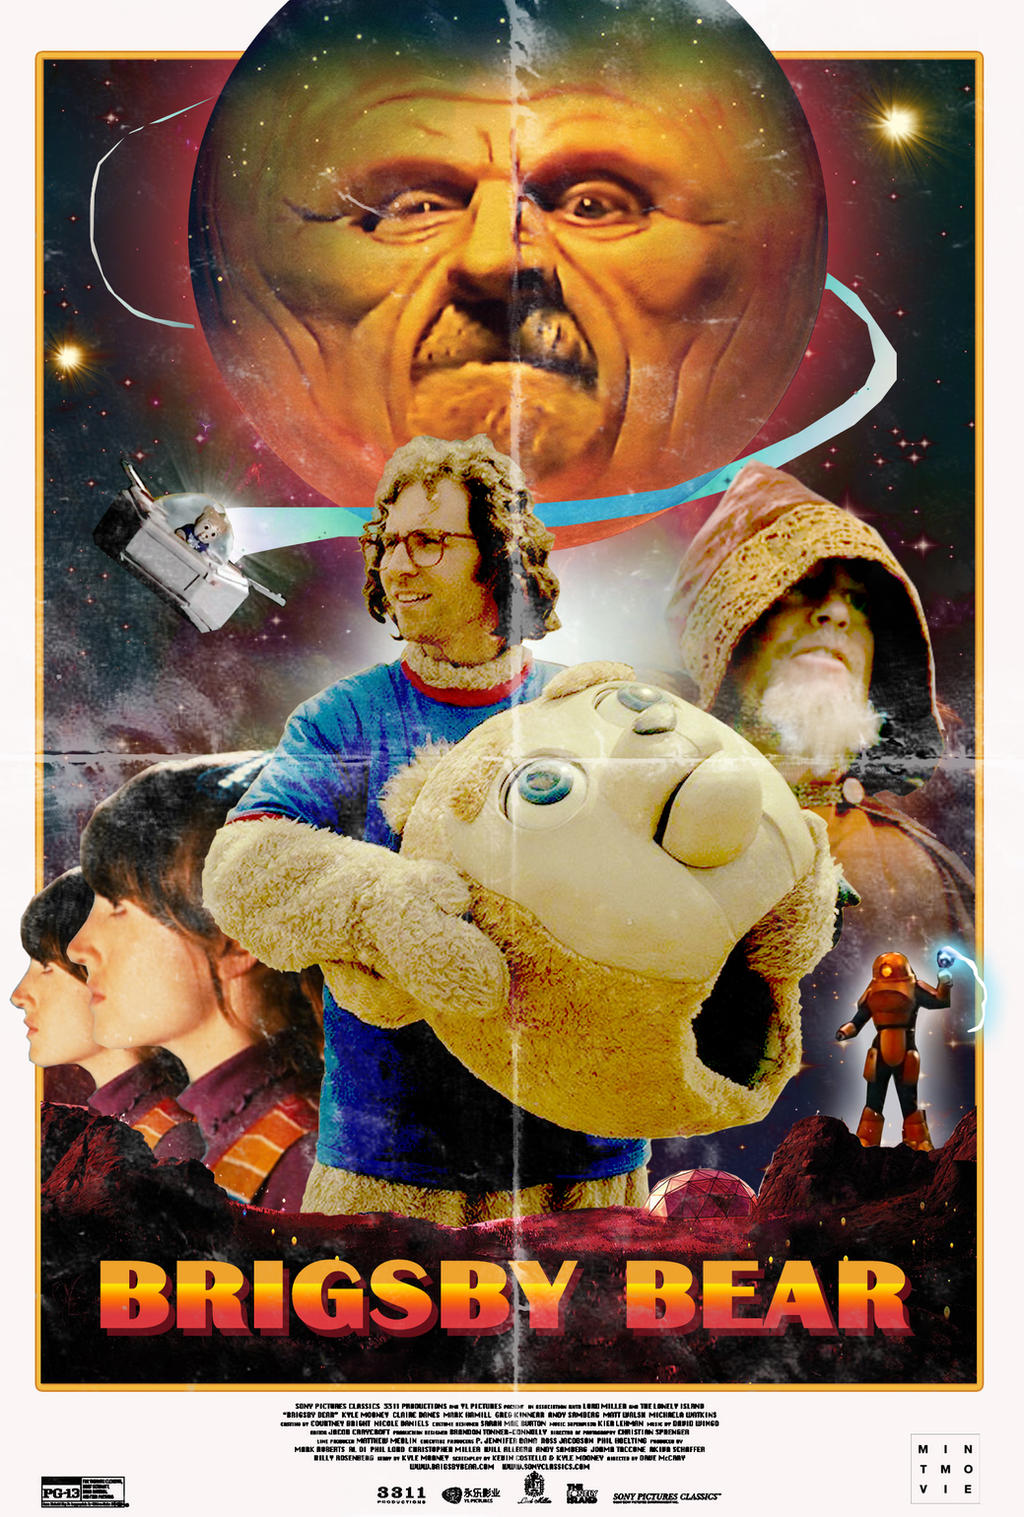 brigsby_bear___poster_by_mintmovi3-dbltpec.jpg